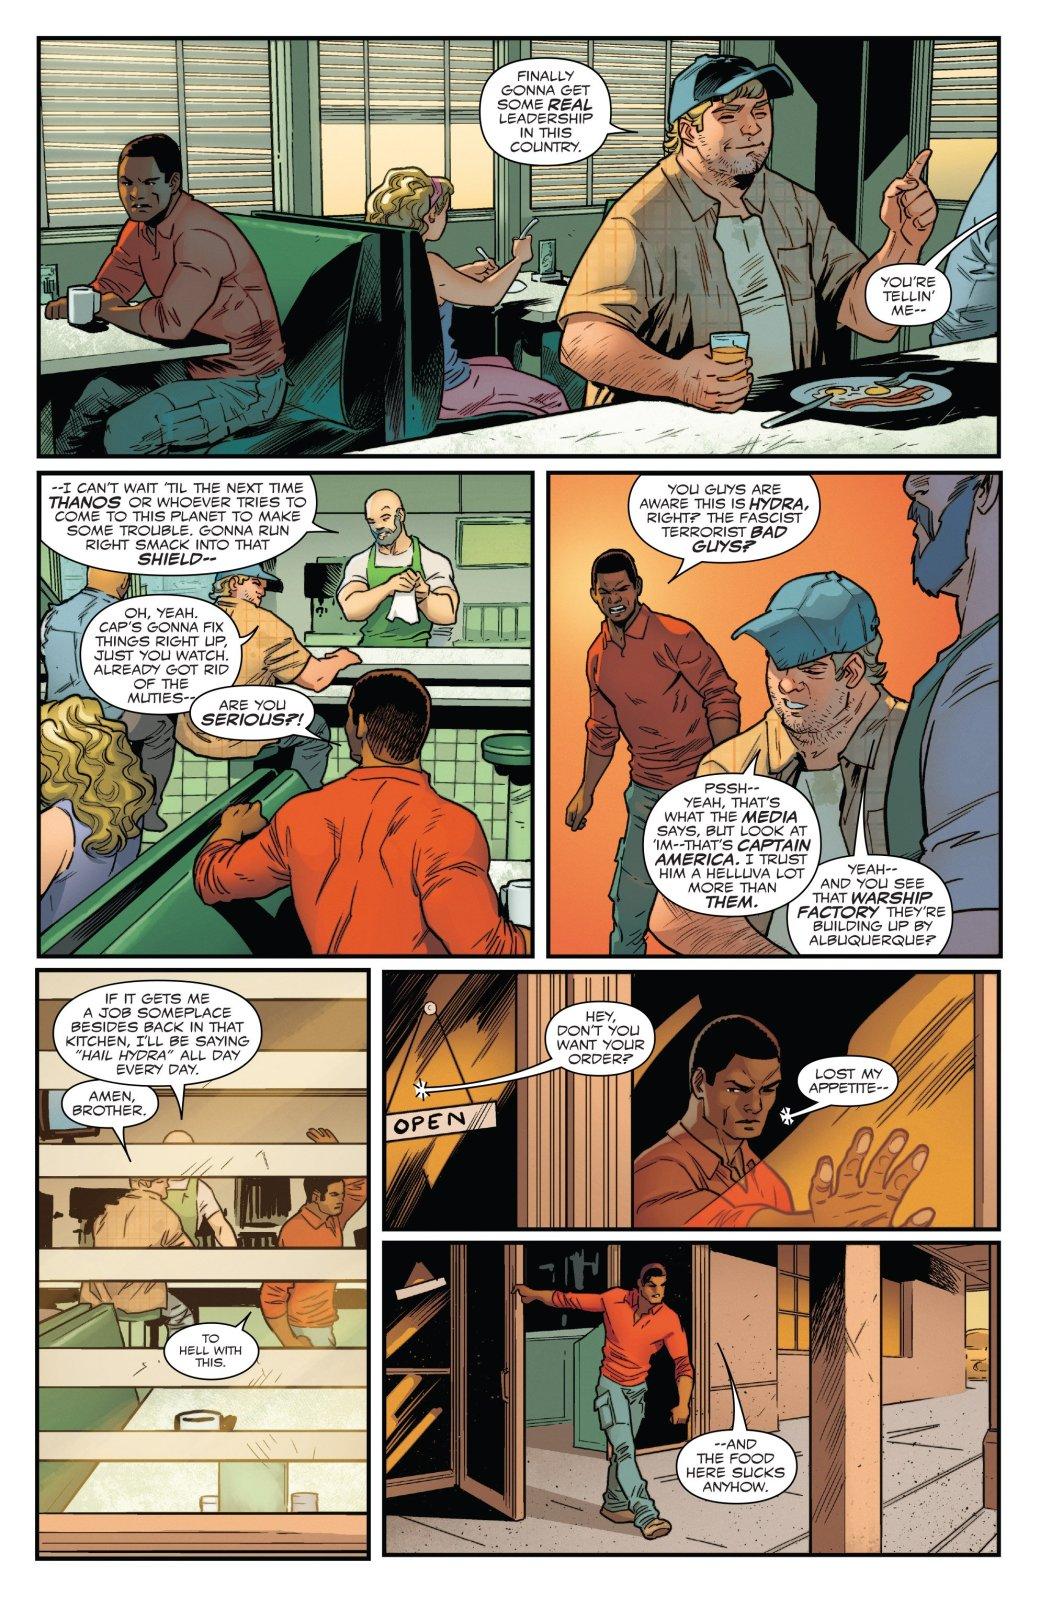 Secret Empire: Люди рады тому, что Гидра пришла к власти - Изображение 27